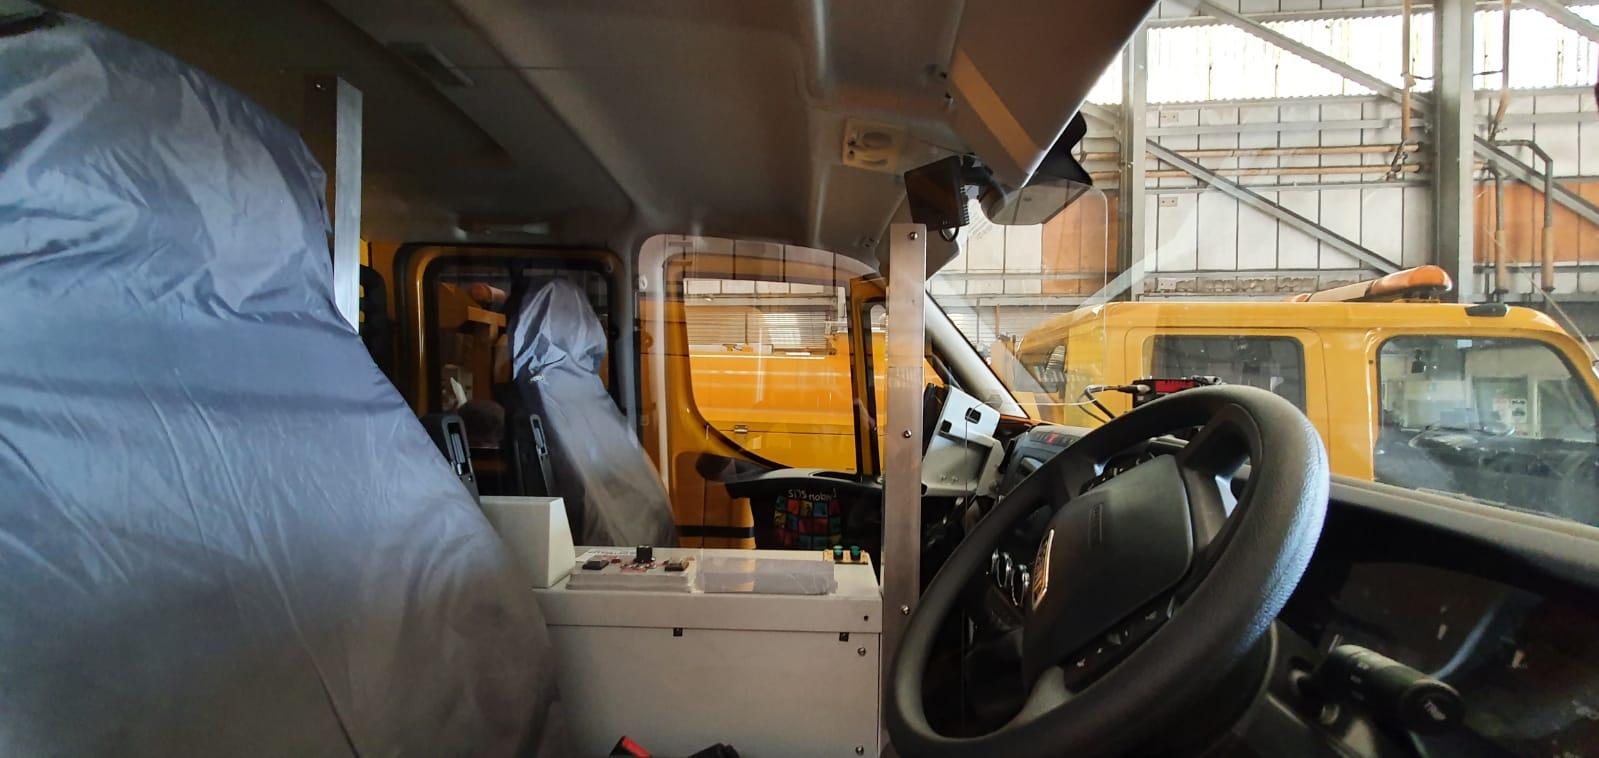 Island Roads scanner vehicle